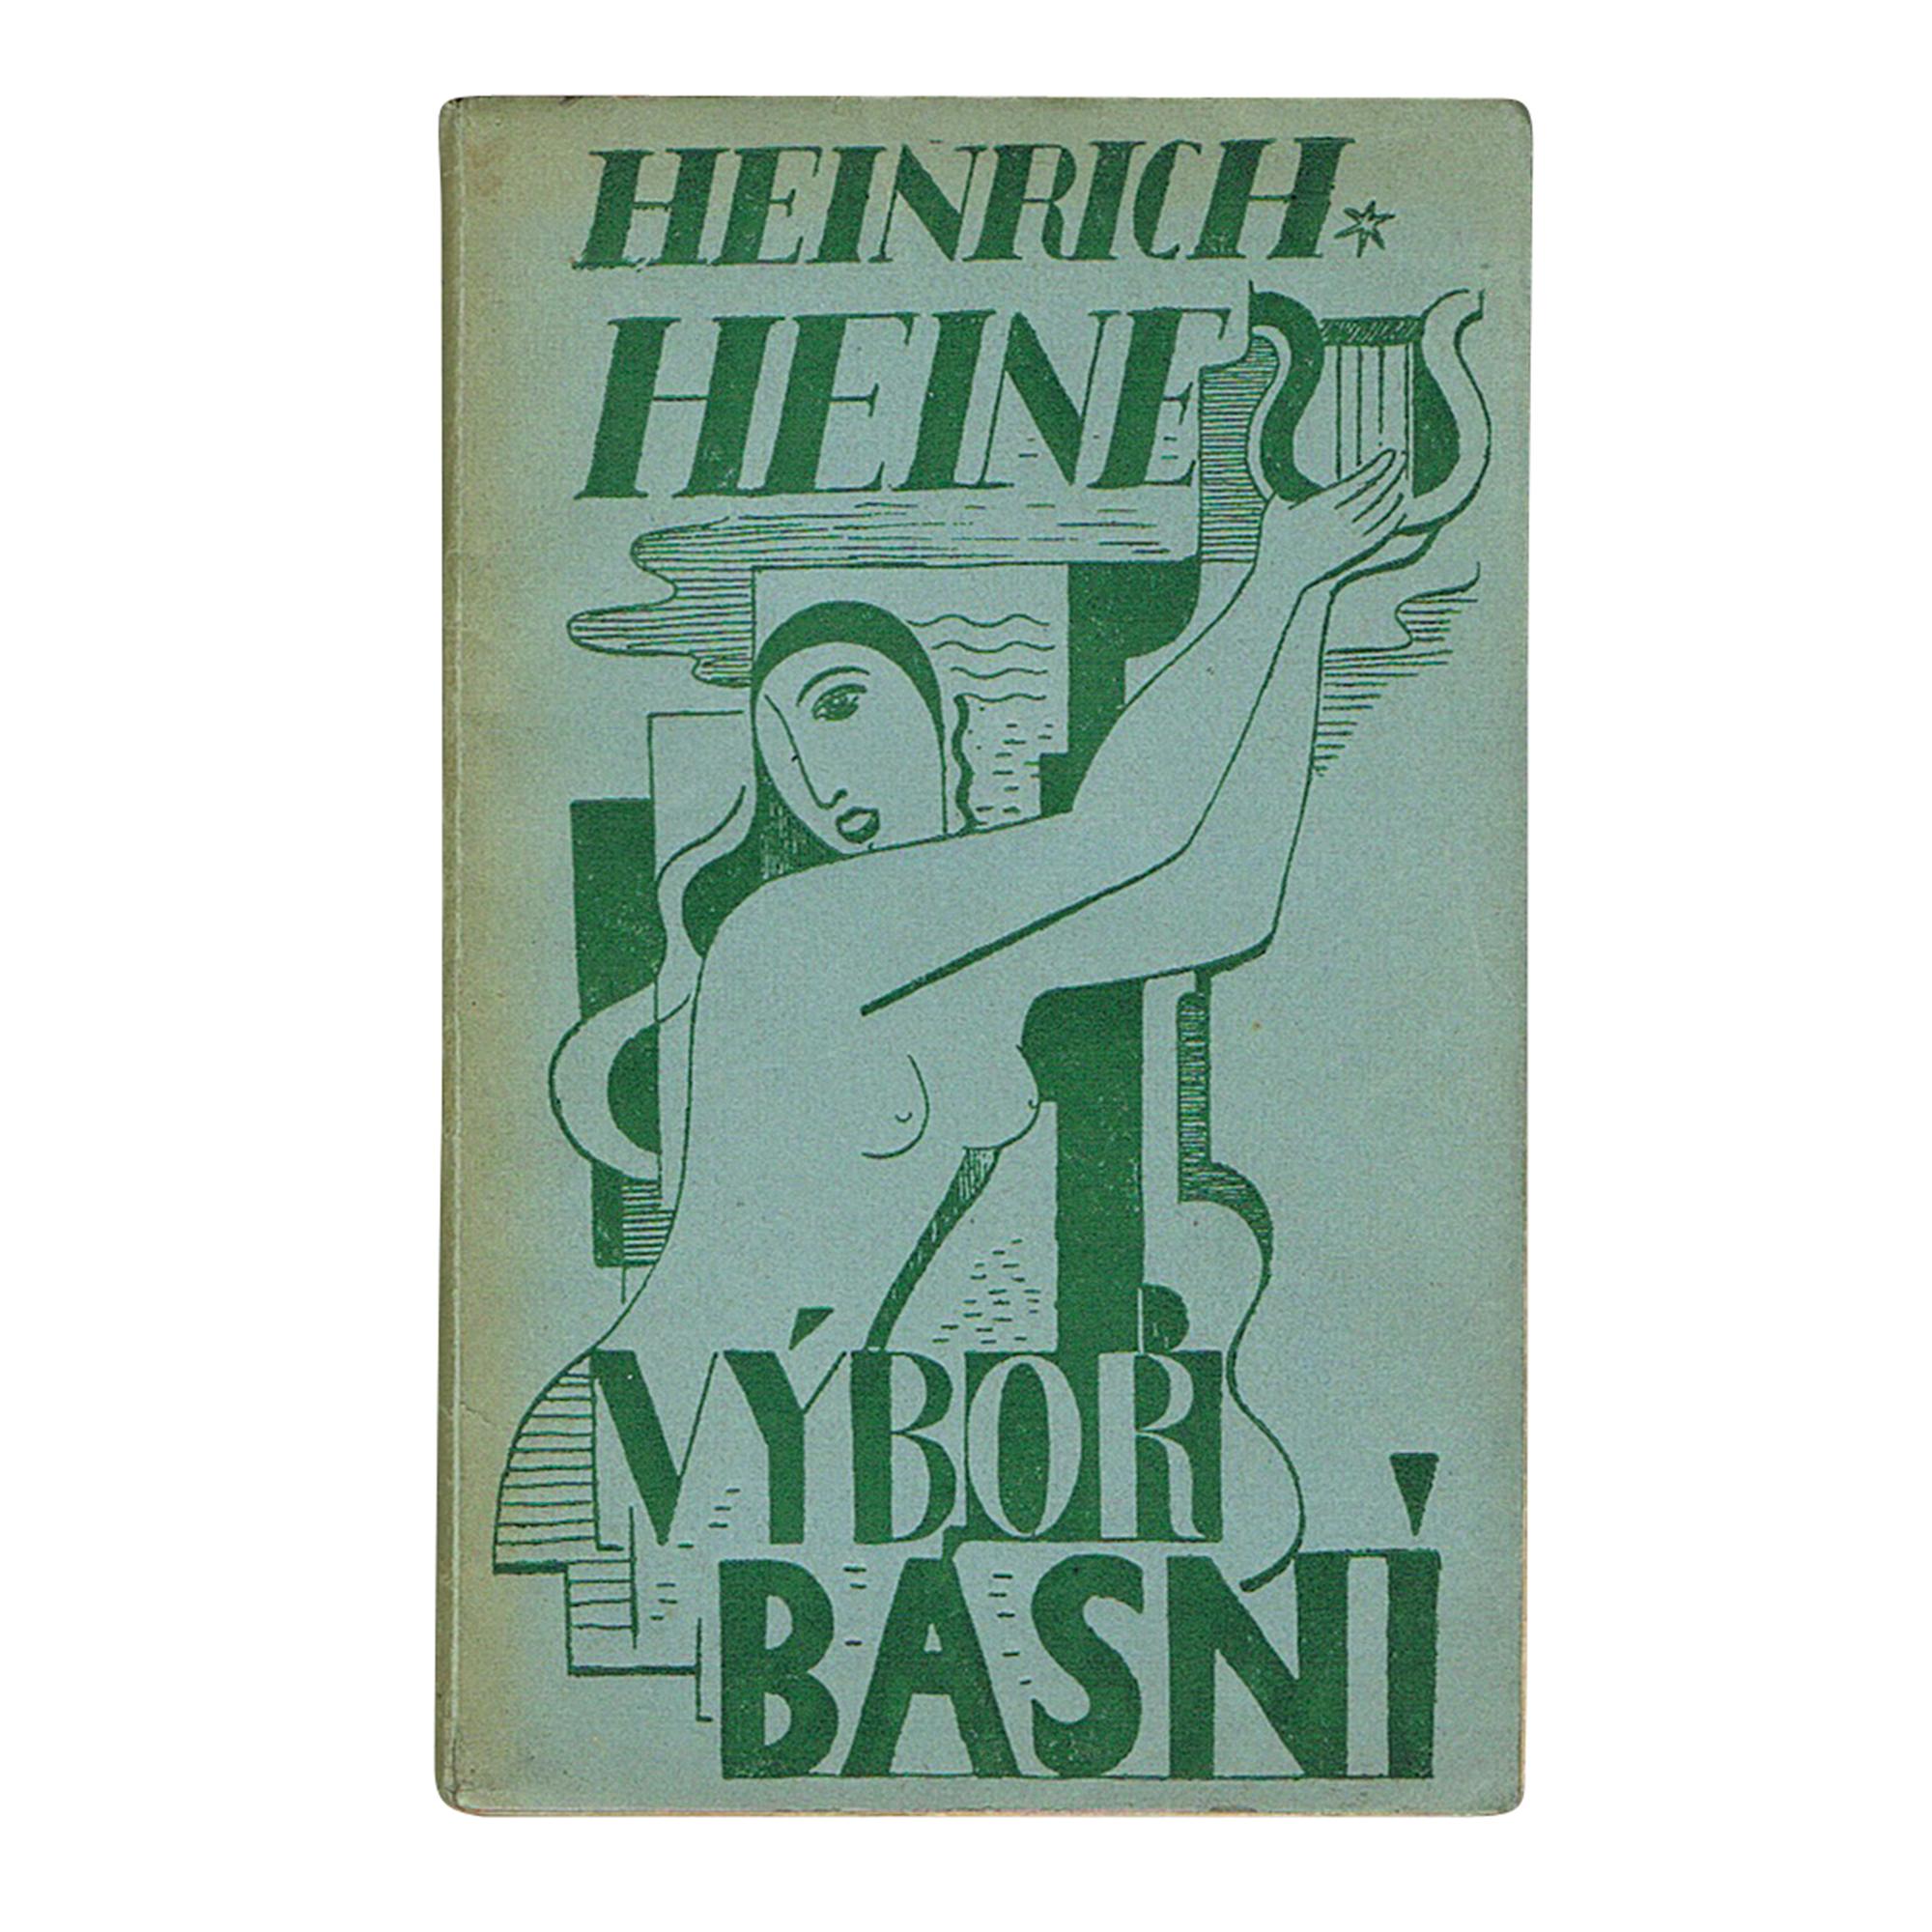 12-1368-Heine-Muzika-Vybor-basi-1924-1.jpg